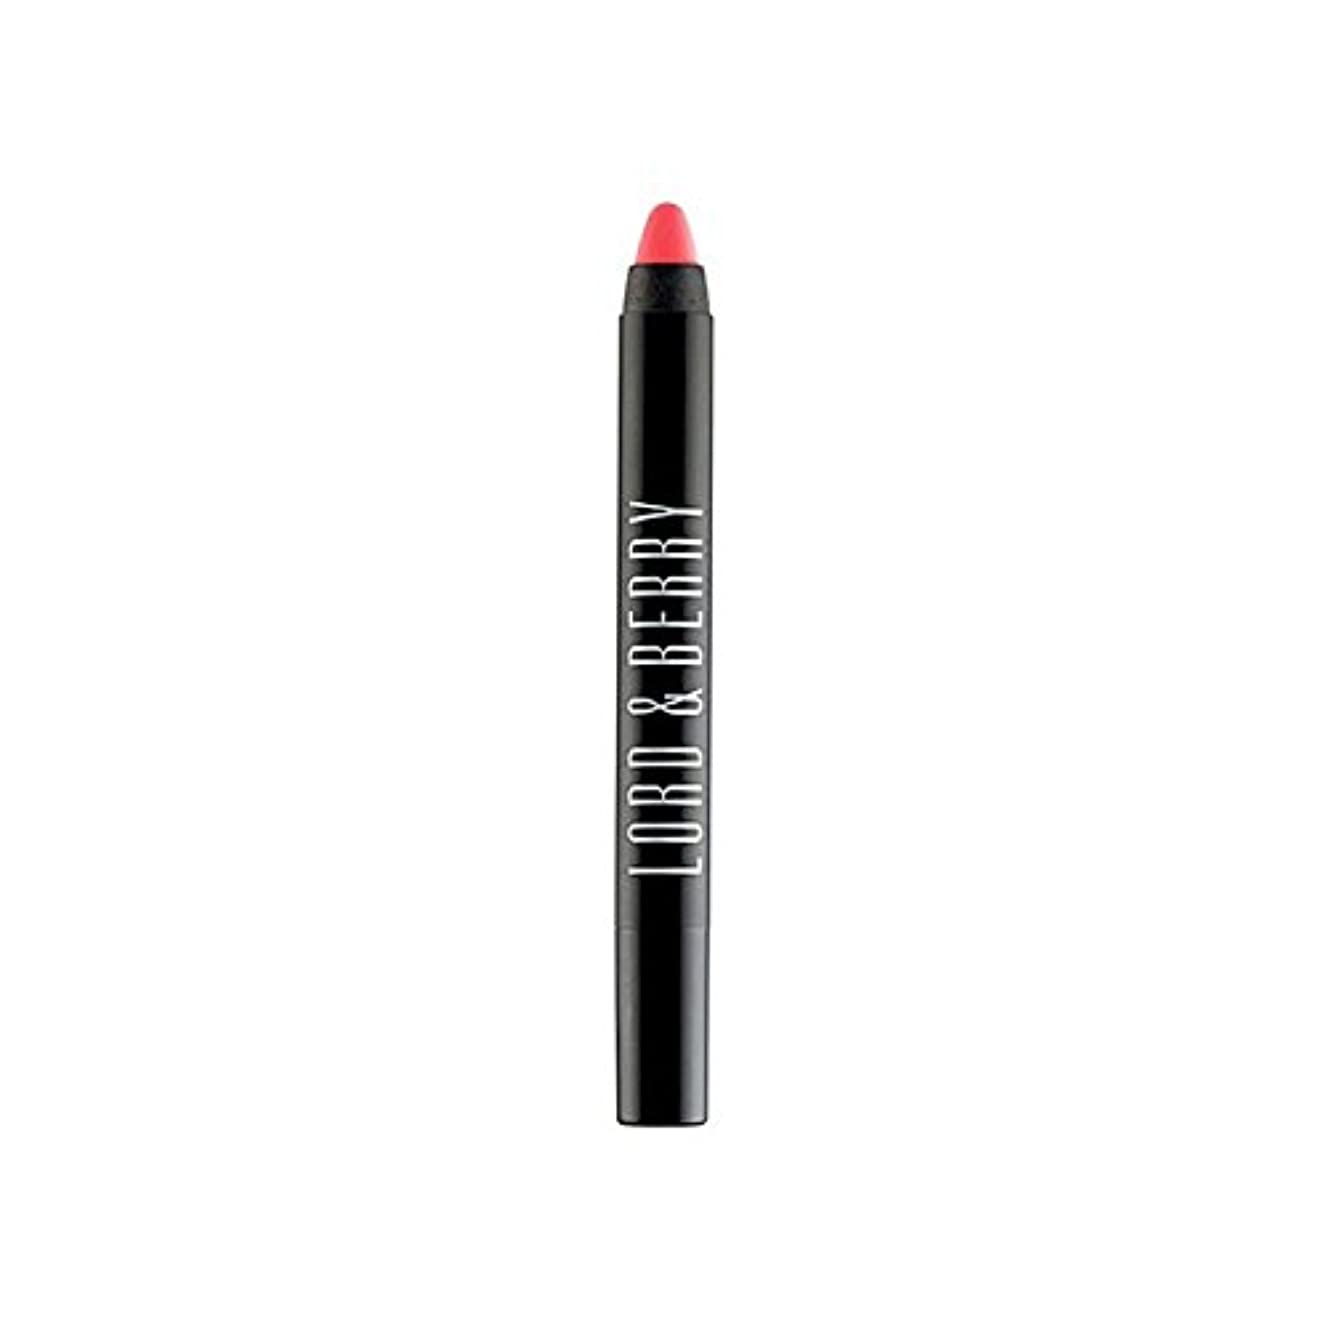 不完全な昇進資本主義Lord & Berry 20100 Matte Lipstick Crayon - 領主&ベリー20100マット口紅クレヨン [並行輸入品]